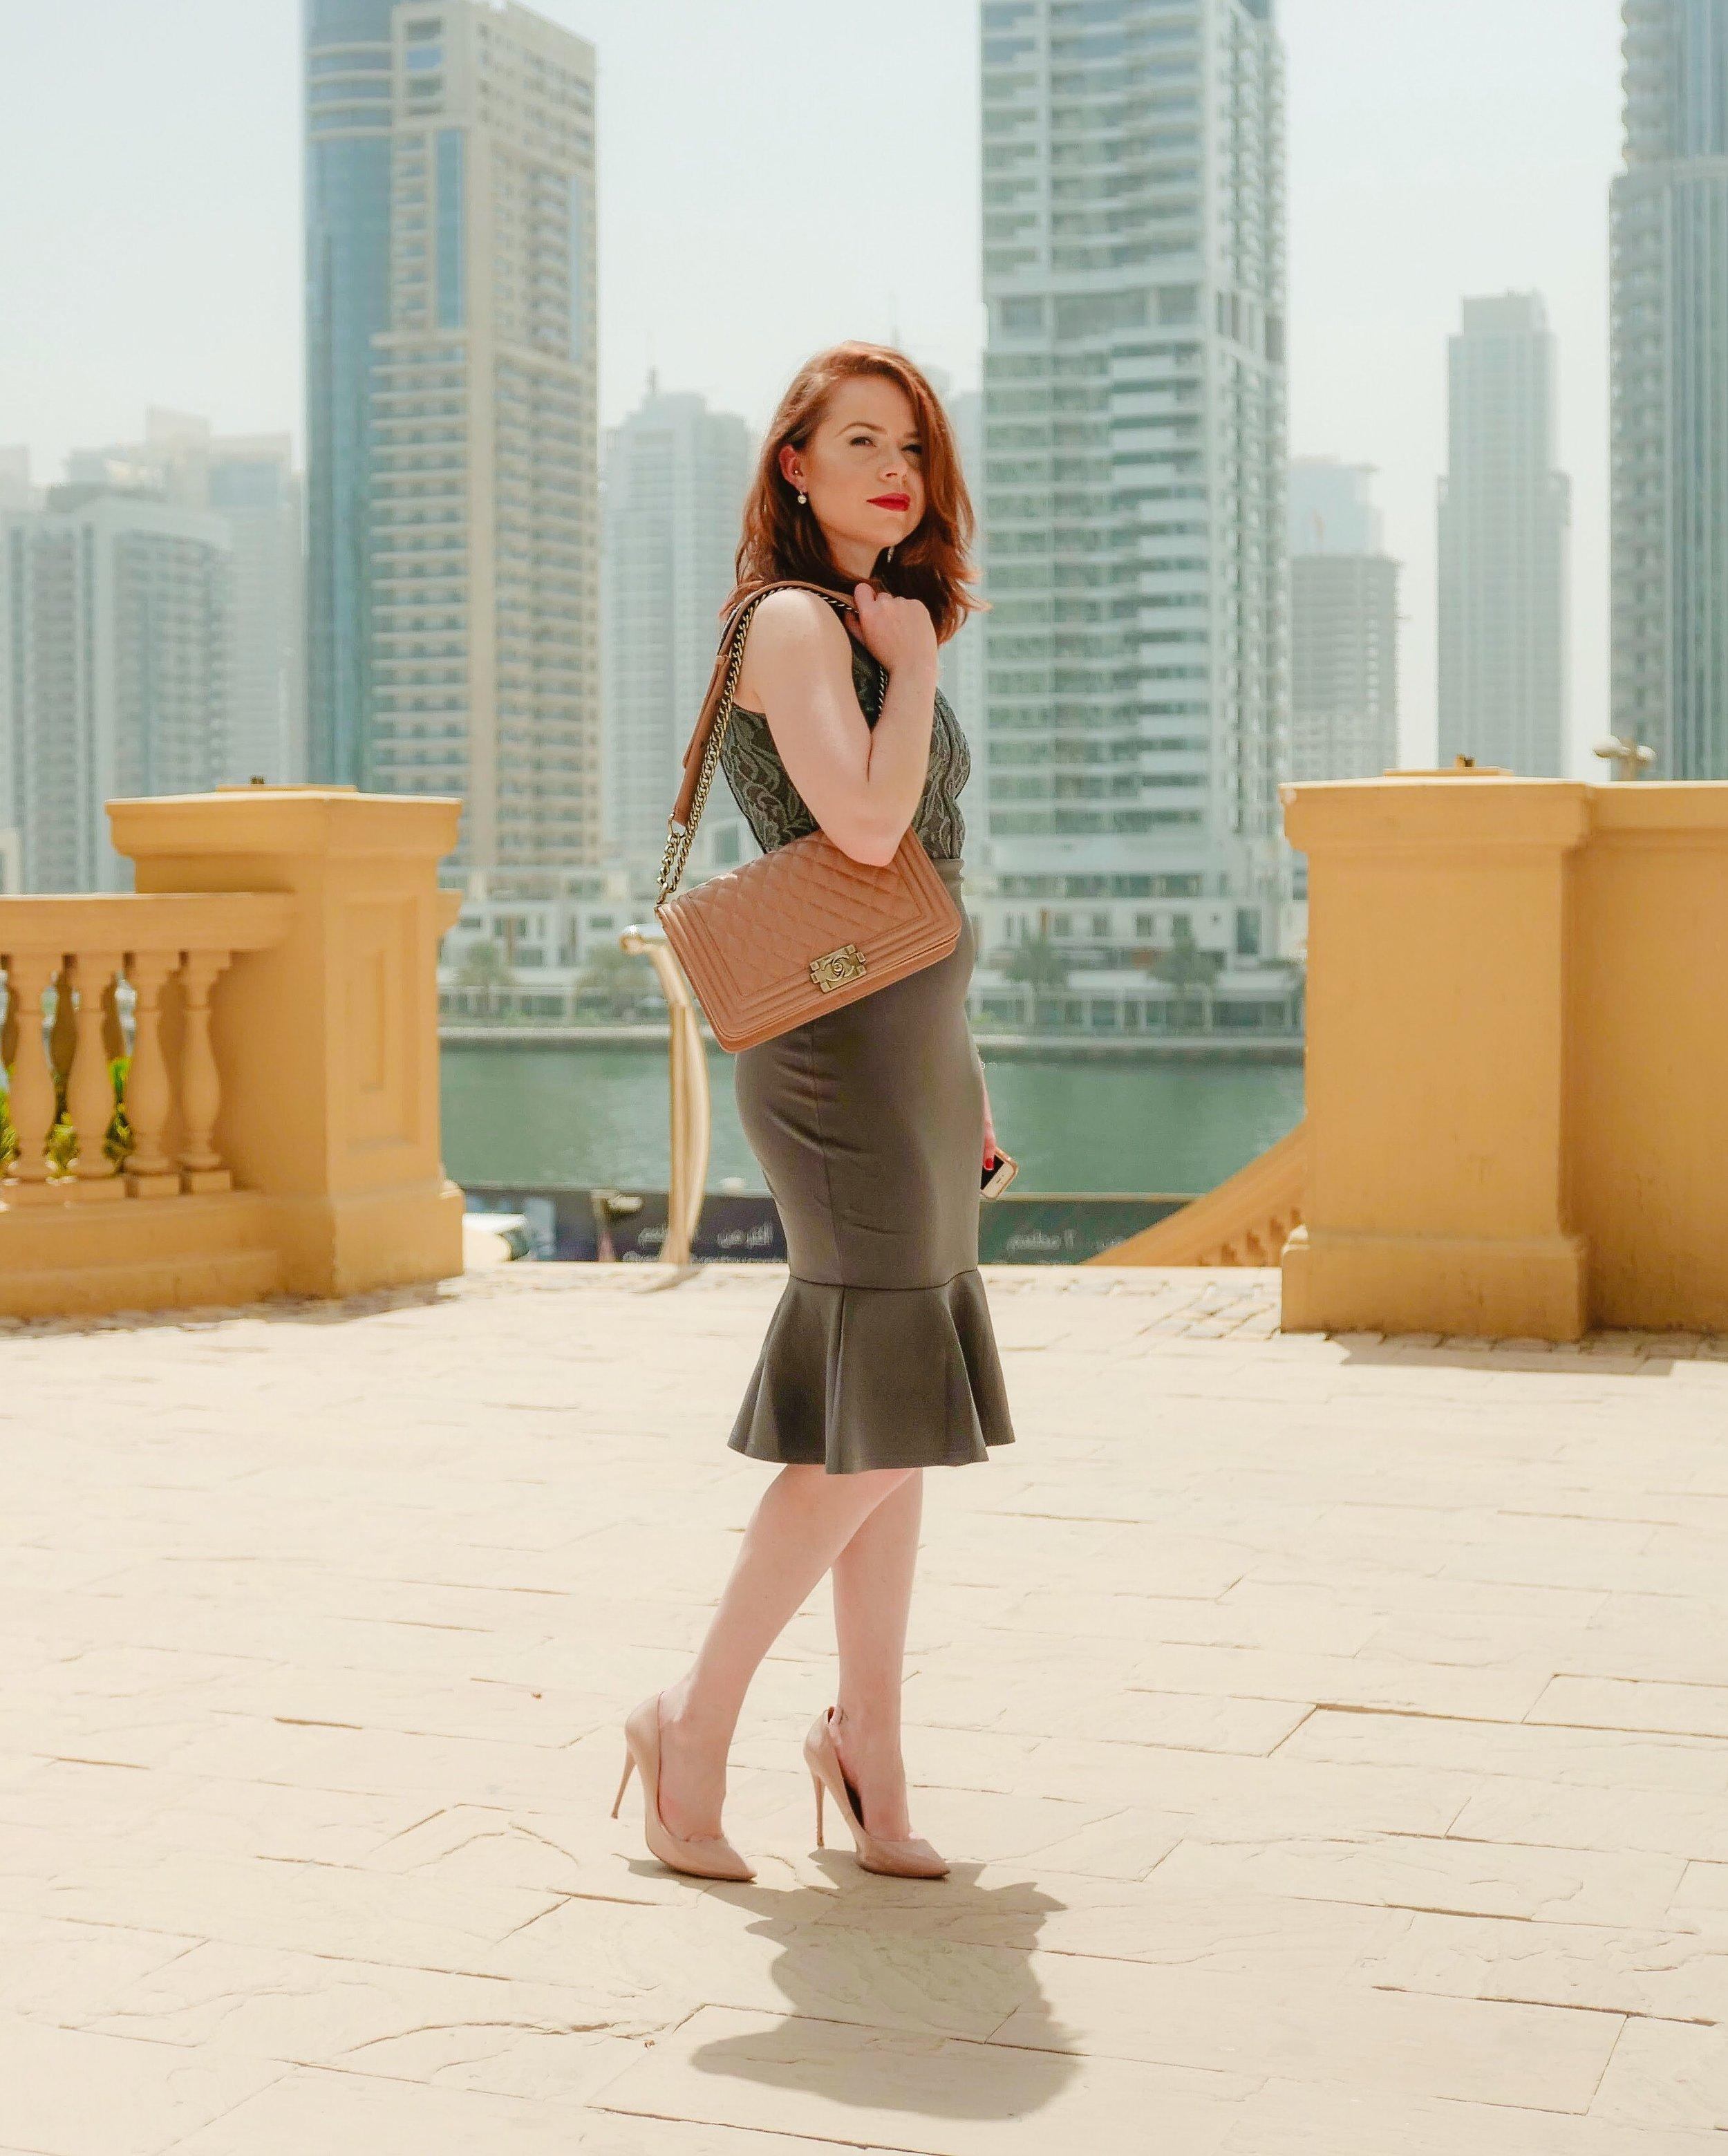 work wear - deals in high heels - briar prestidge